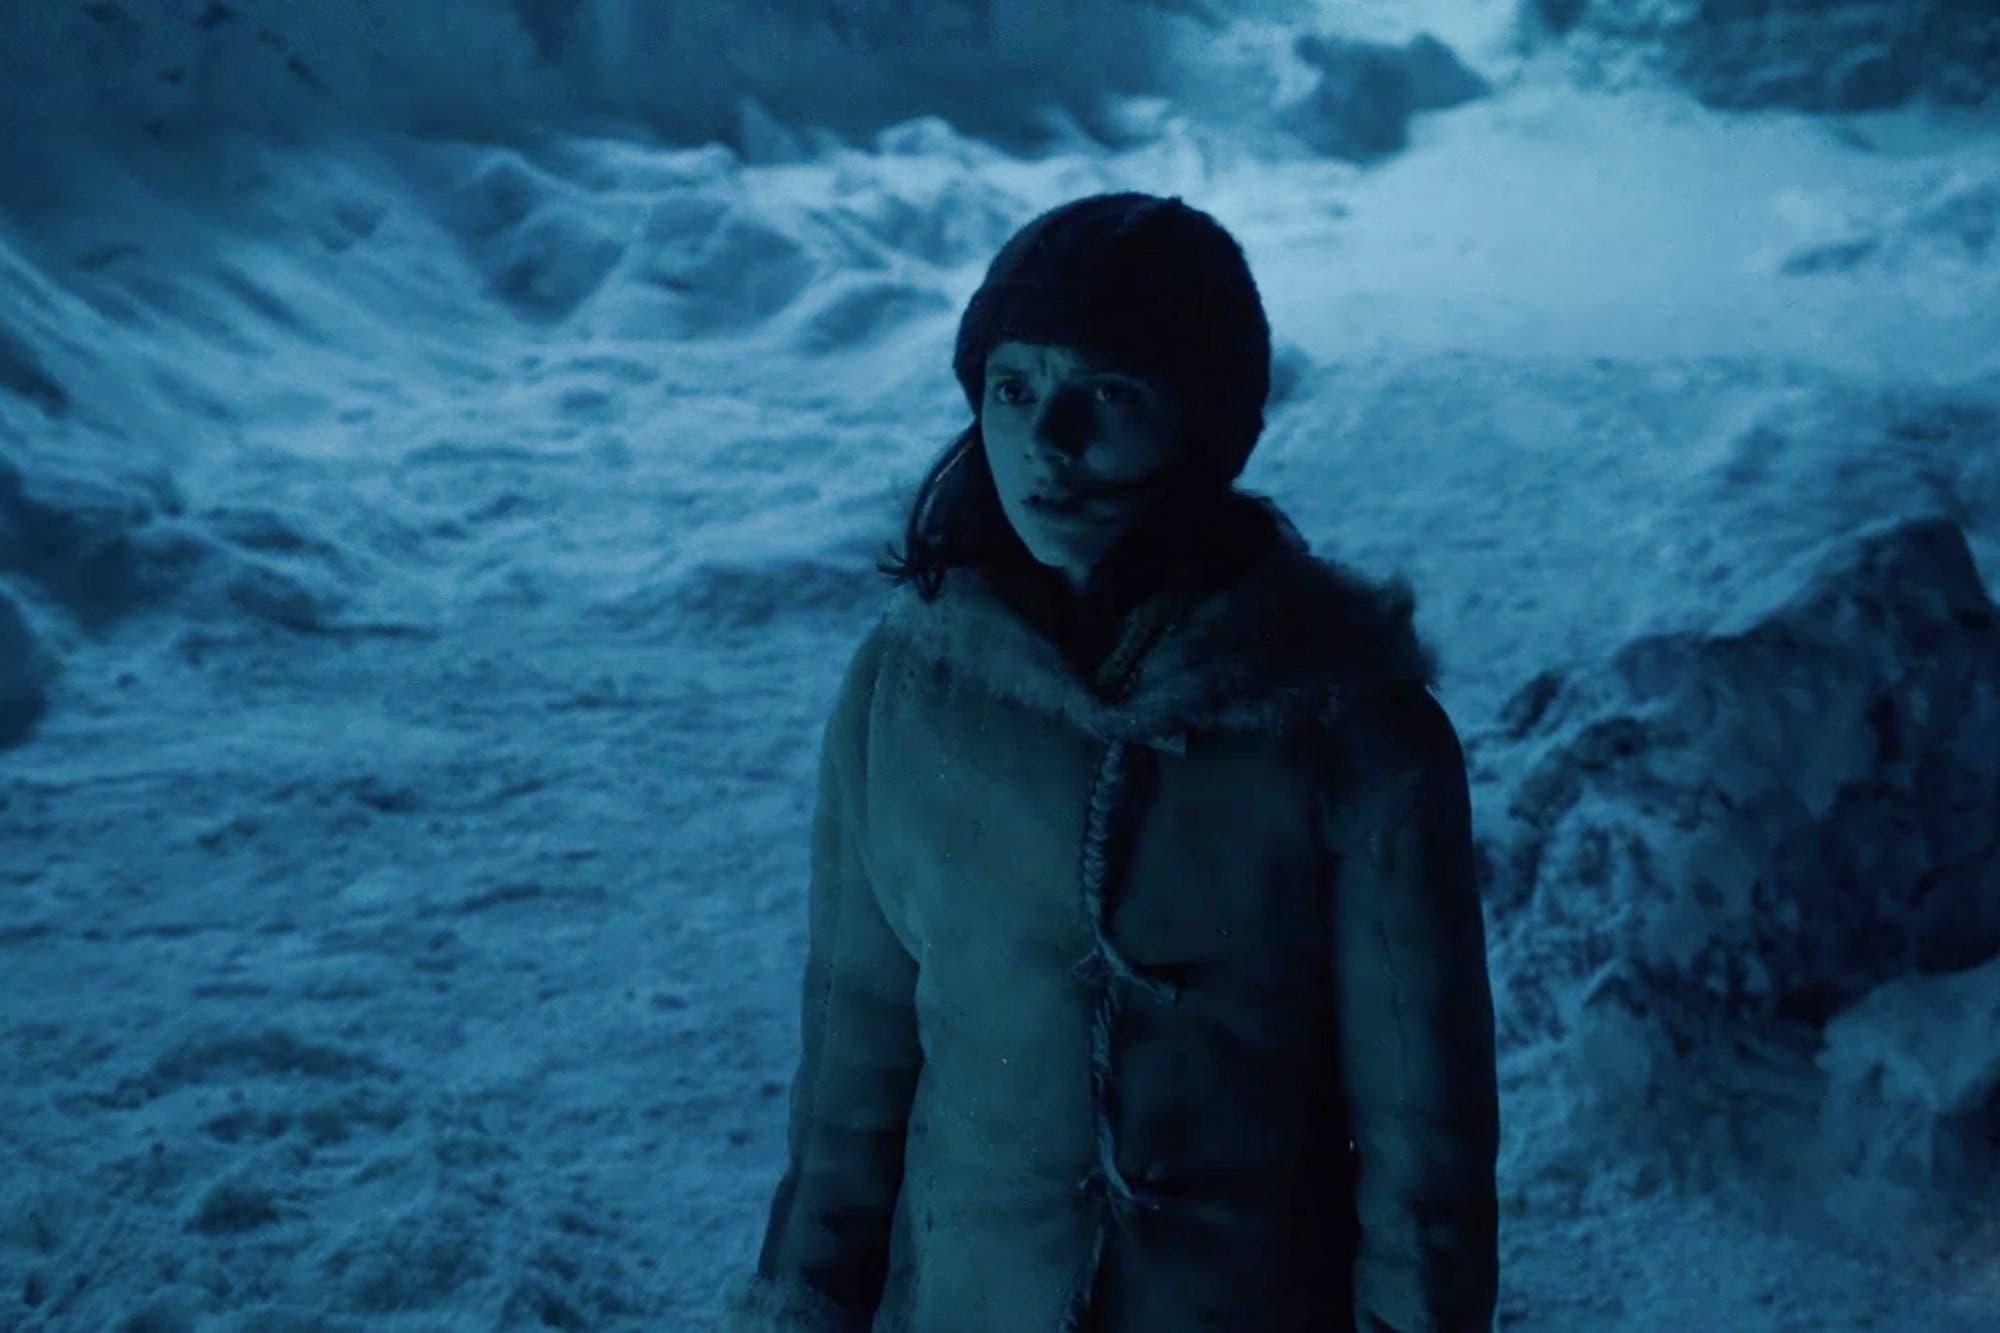 His Dark Materials: fantasía, viajes y misterio en el trailer de la segunda temporada de la serie de HBO